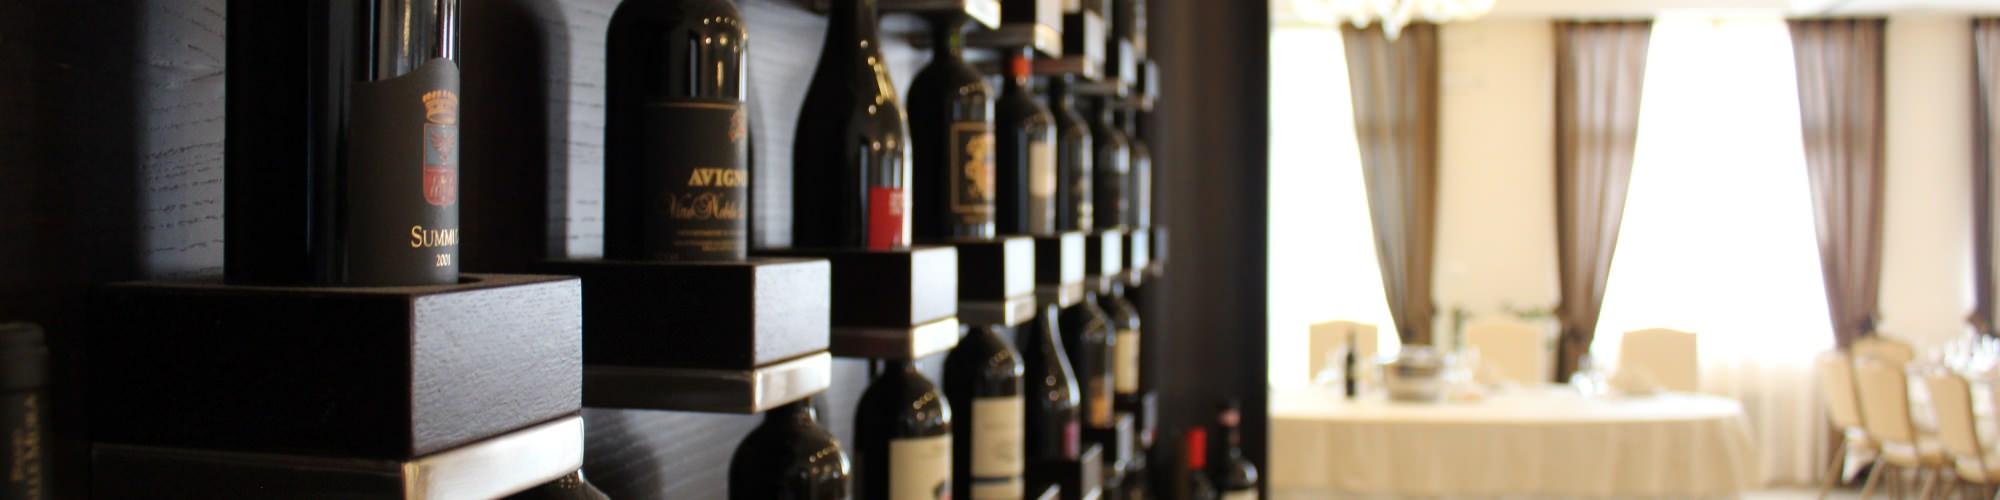 carta dei vini e degustazioni nel vallo di diano